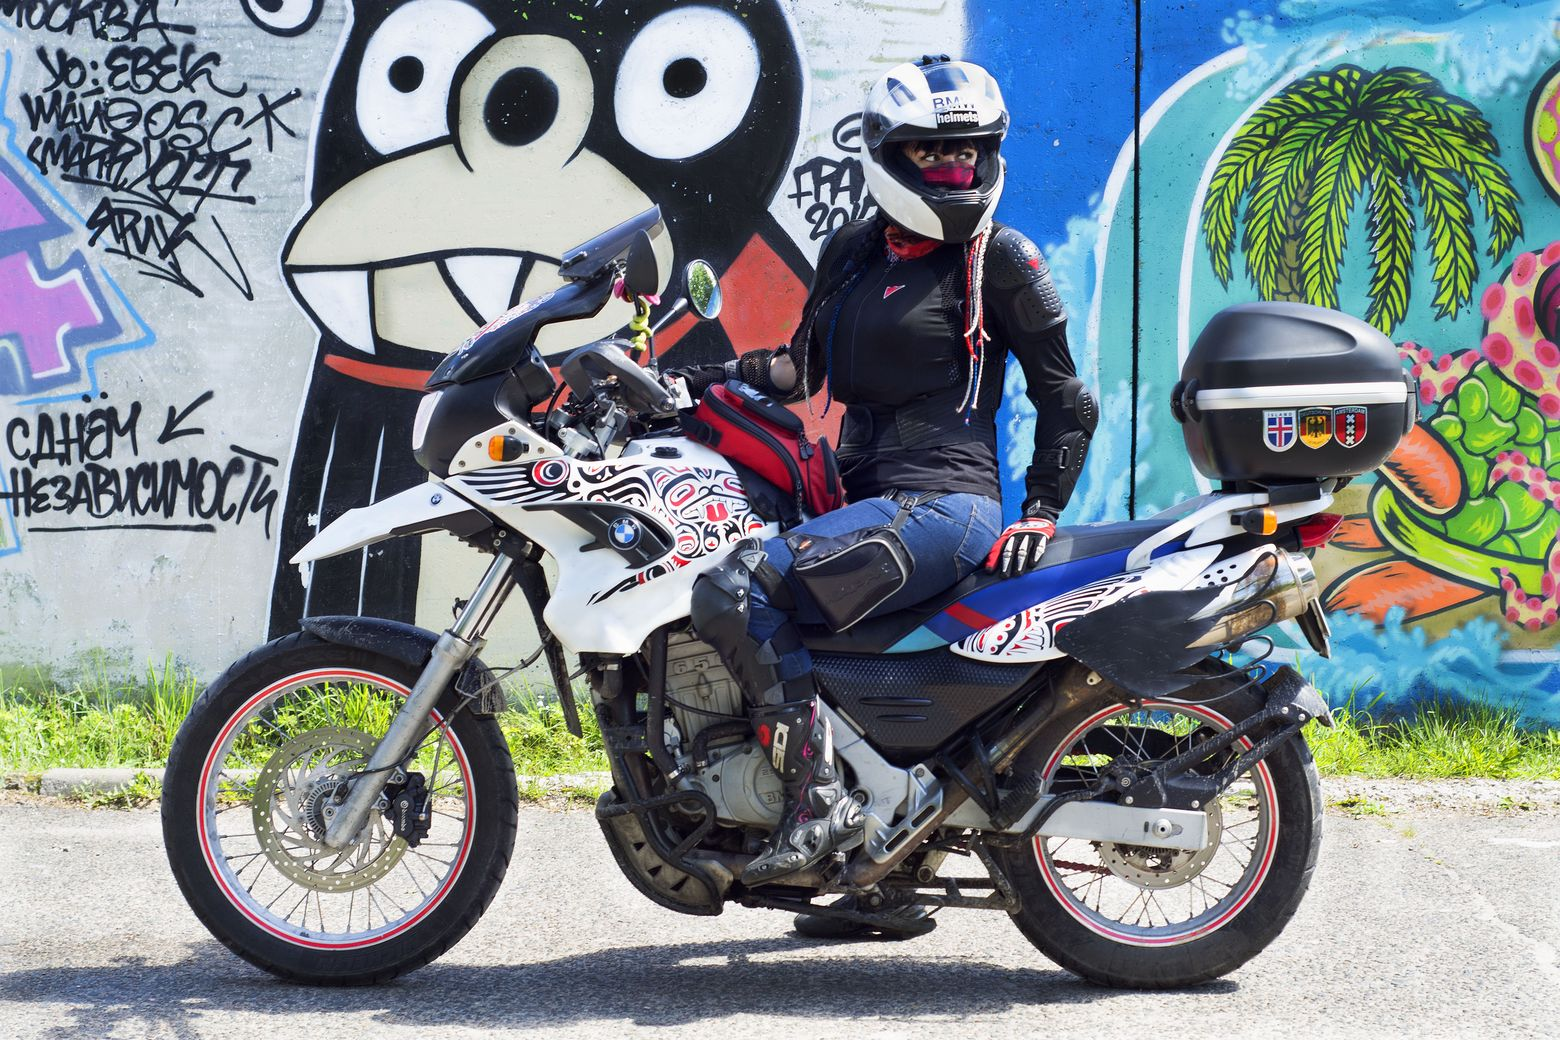 Катя катит. На мотоцикле — на Край Света